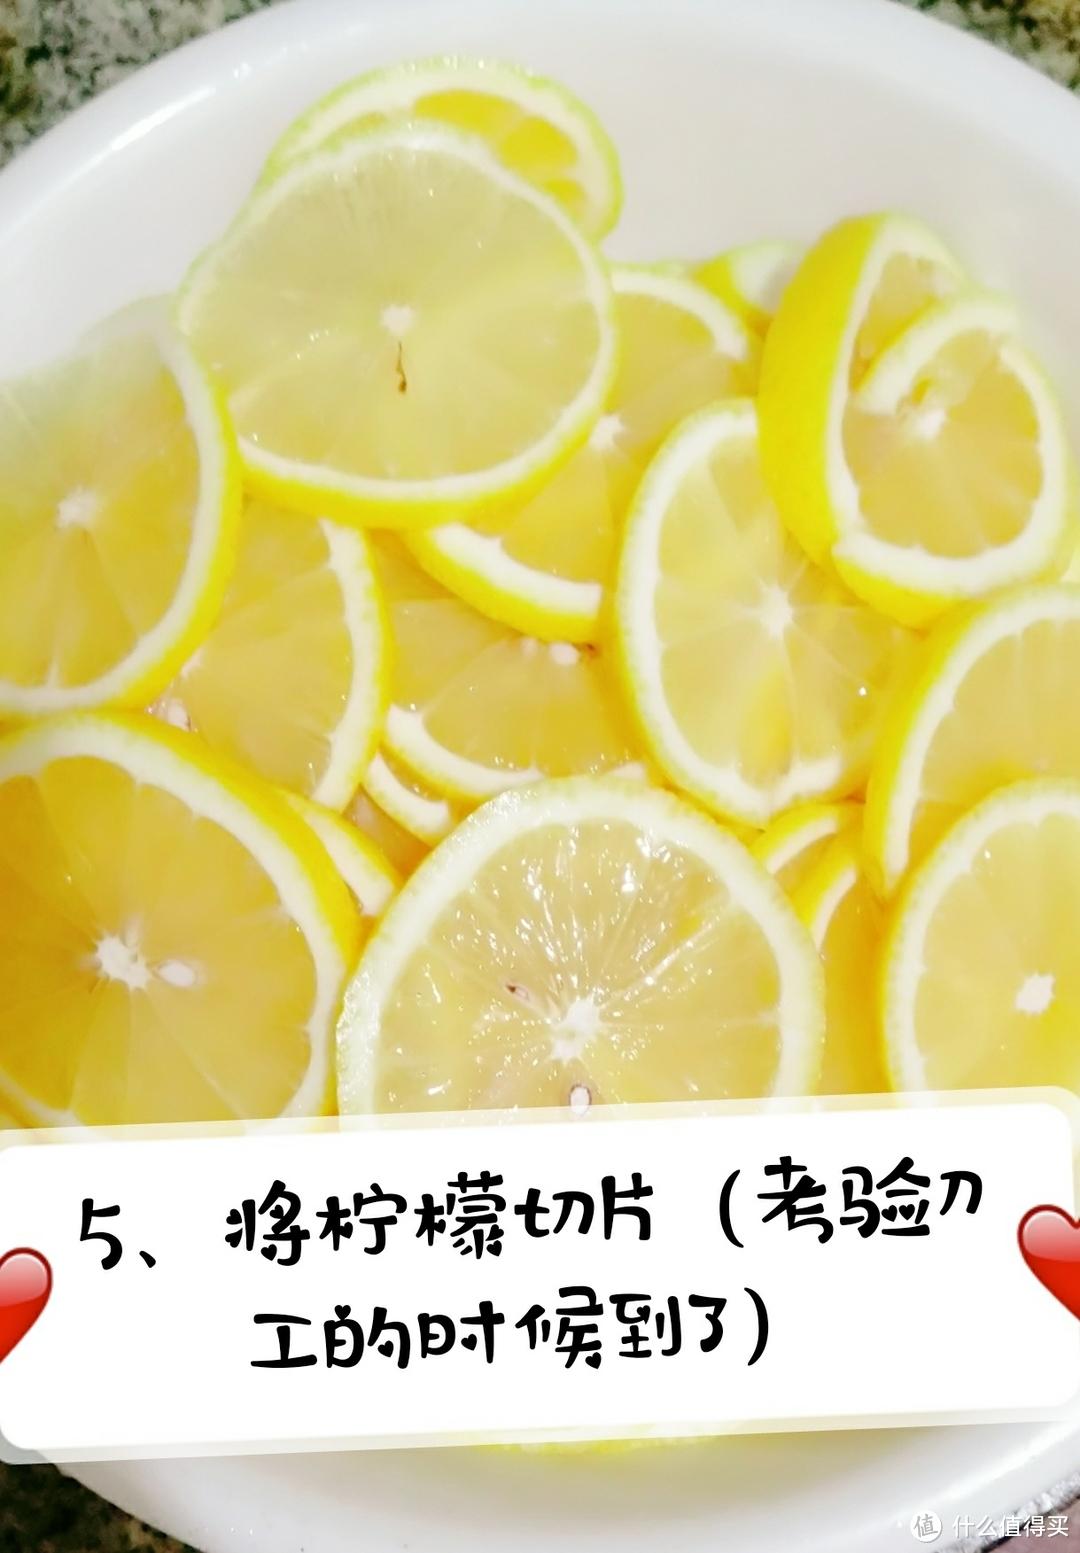 夏日清凉饮(百香果蜂蜜柠檬茶)冰爽来袭